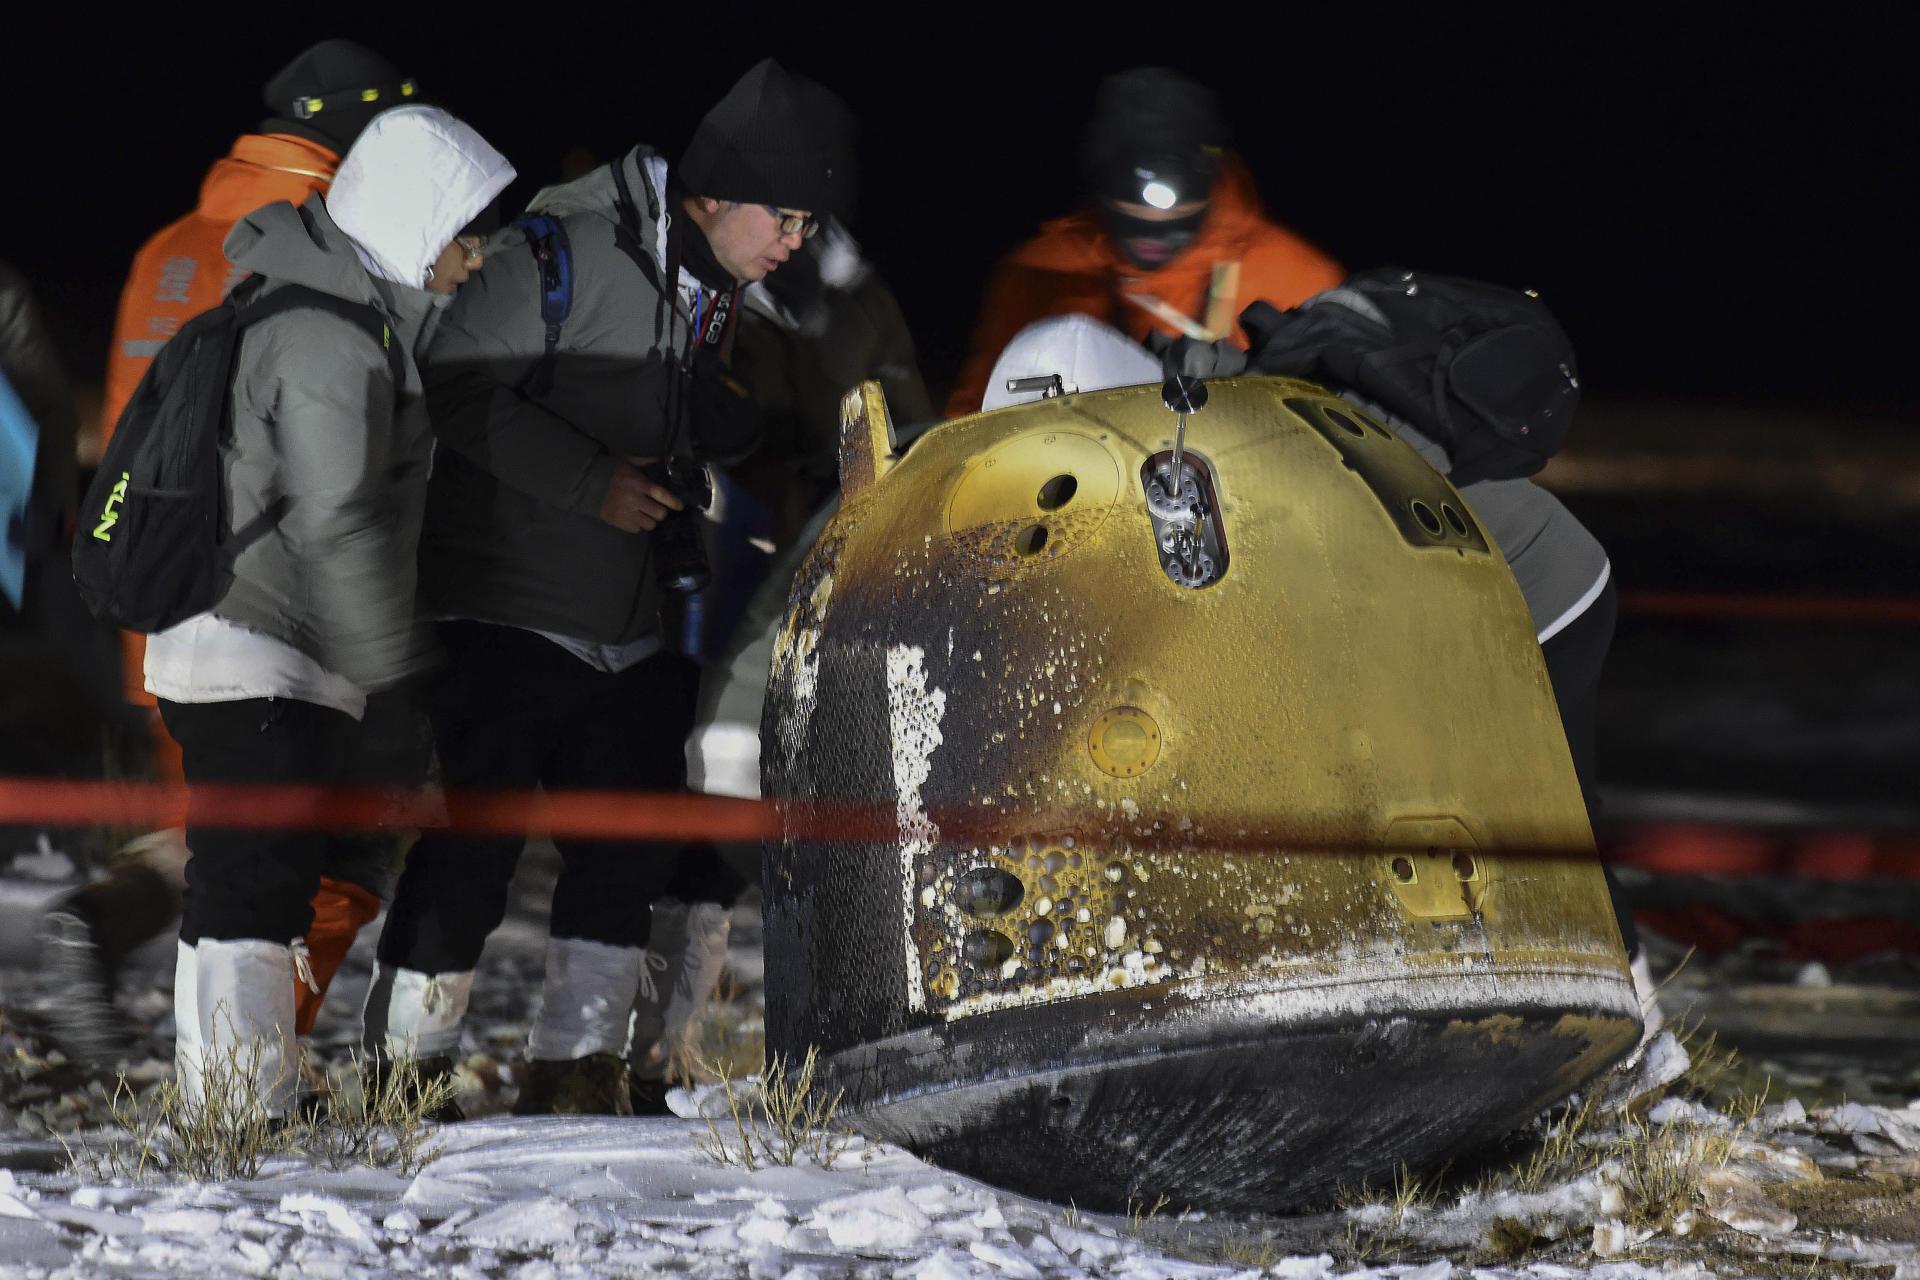 La capsule de retour de la mission chinoise Chang'e-5, transportant des échantillons lunaires, après son atterrissage en Mongolie-Intérieure, le 17 décembre.